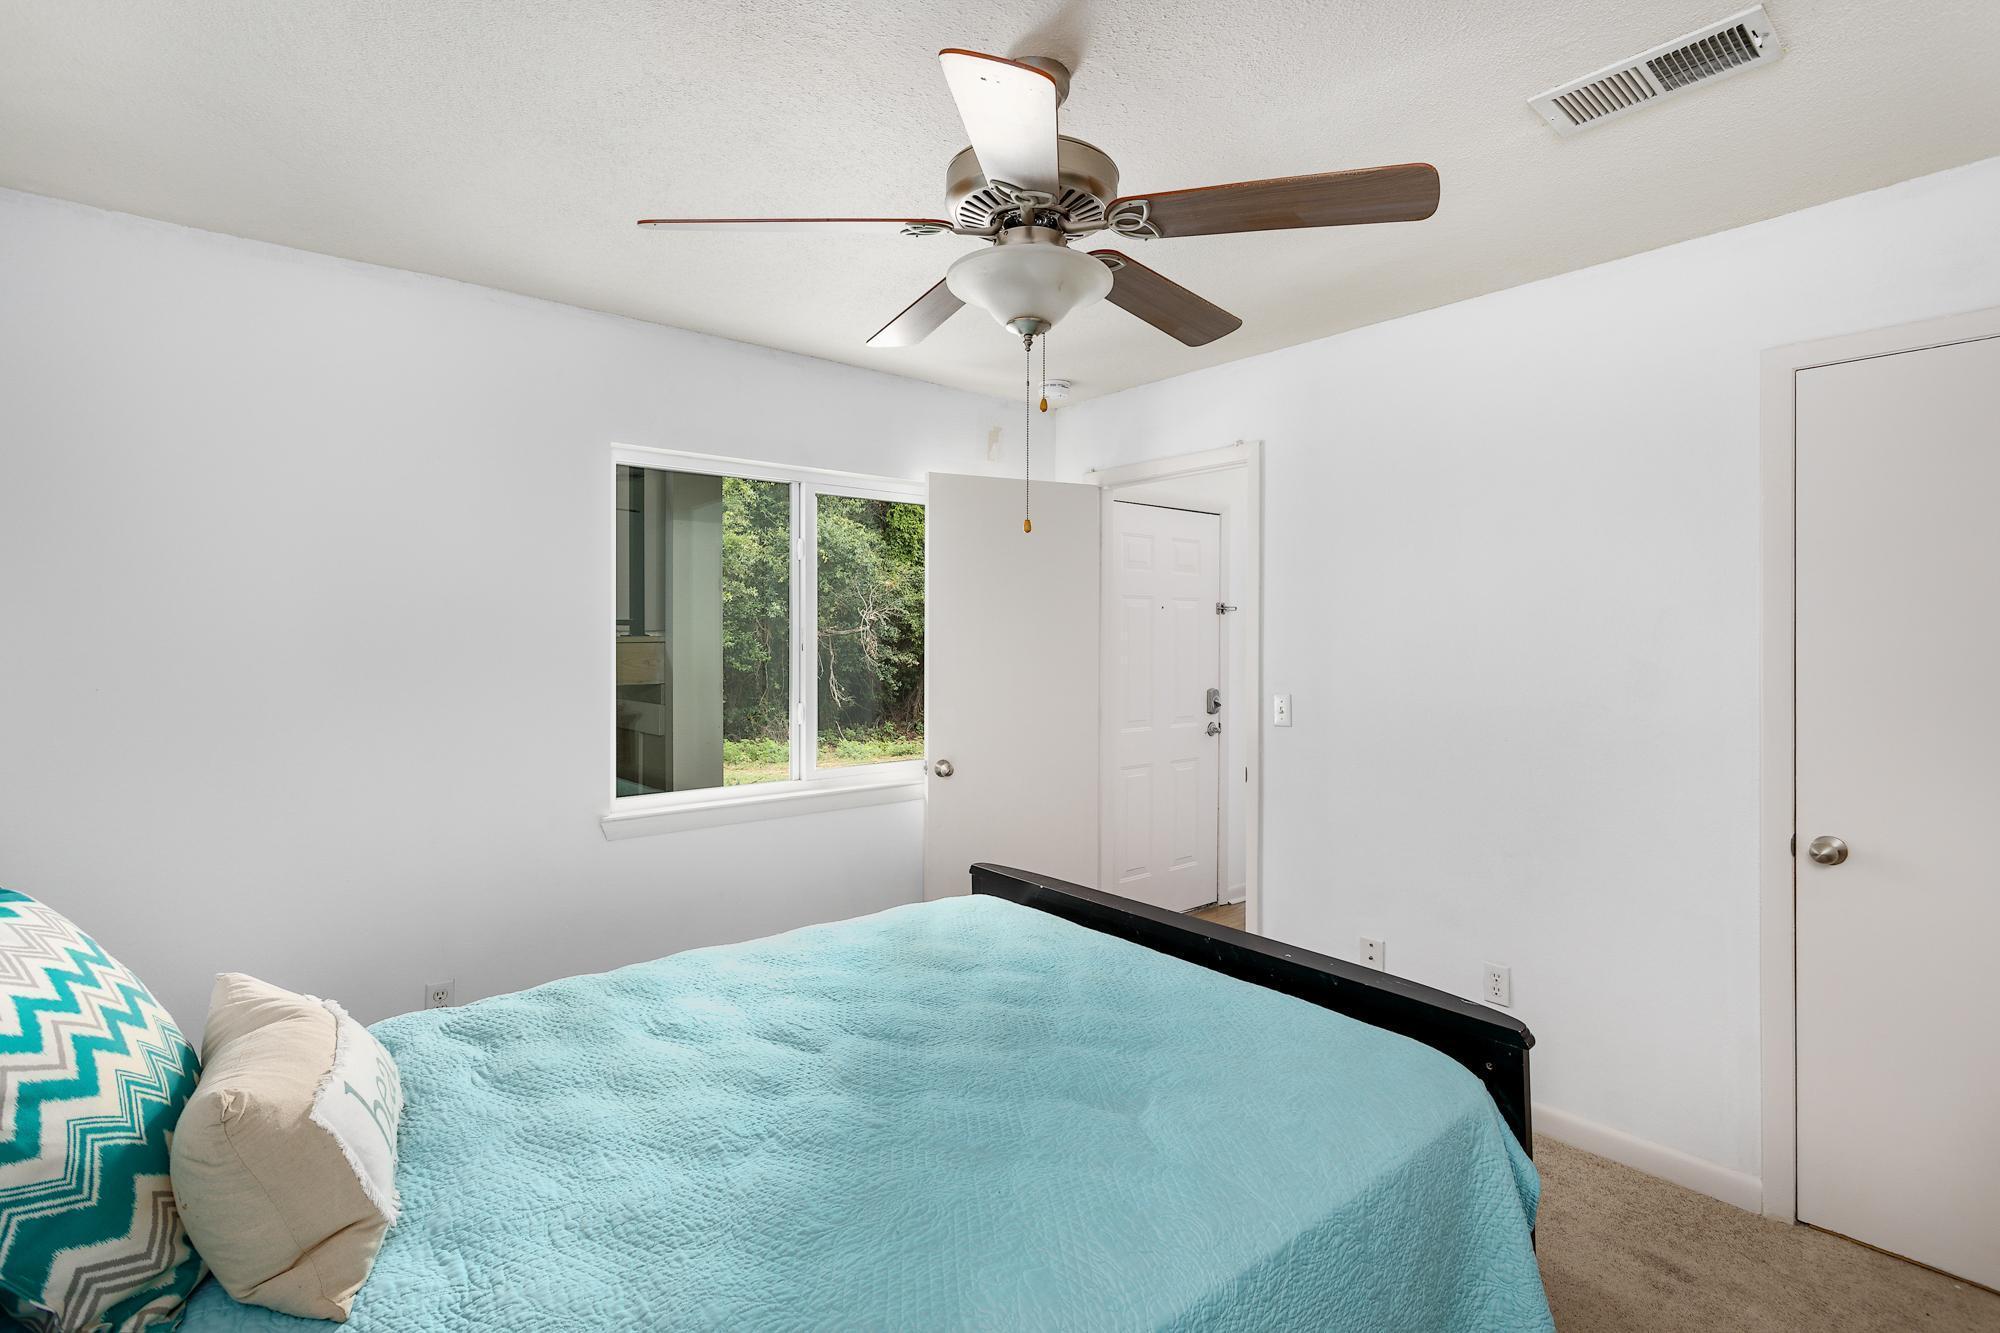 East Bridge Town Lofts Homes For Sale - 268 Alexandra, Mount Pleasant, SC - 6